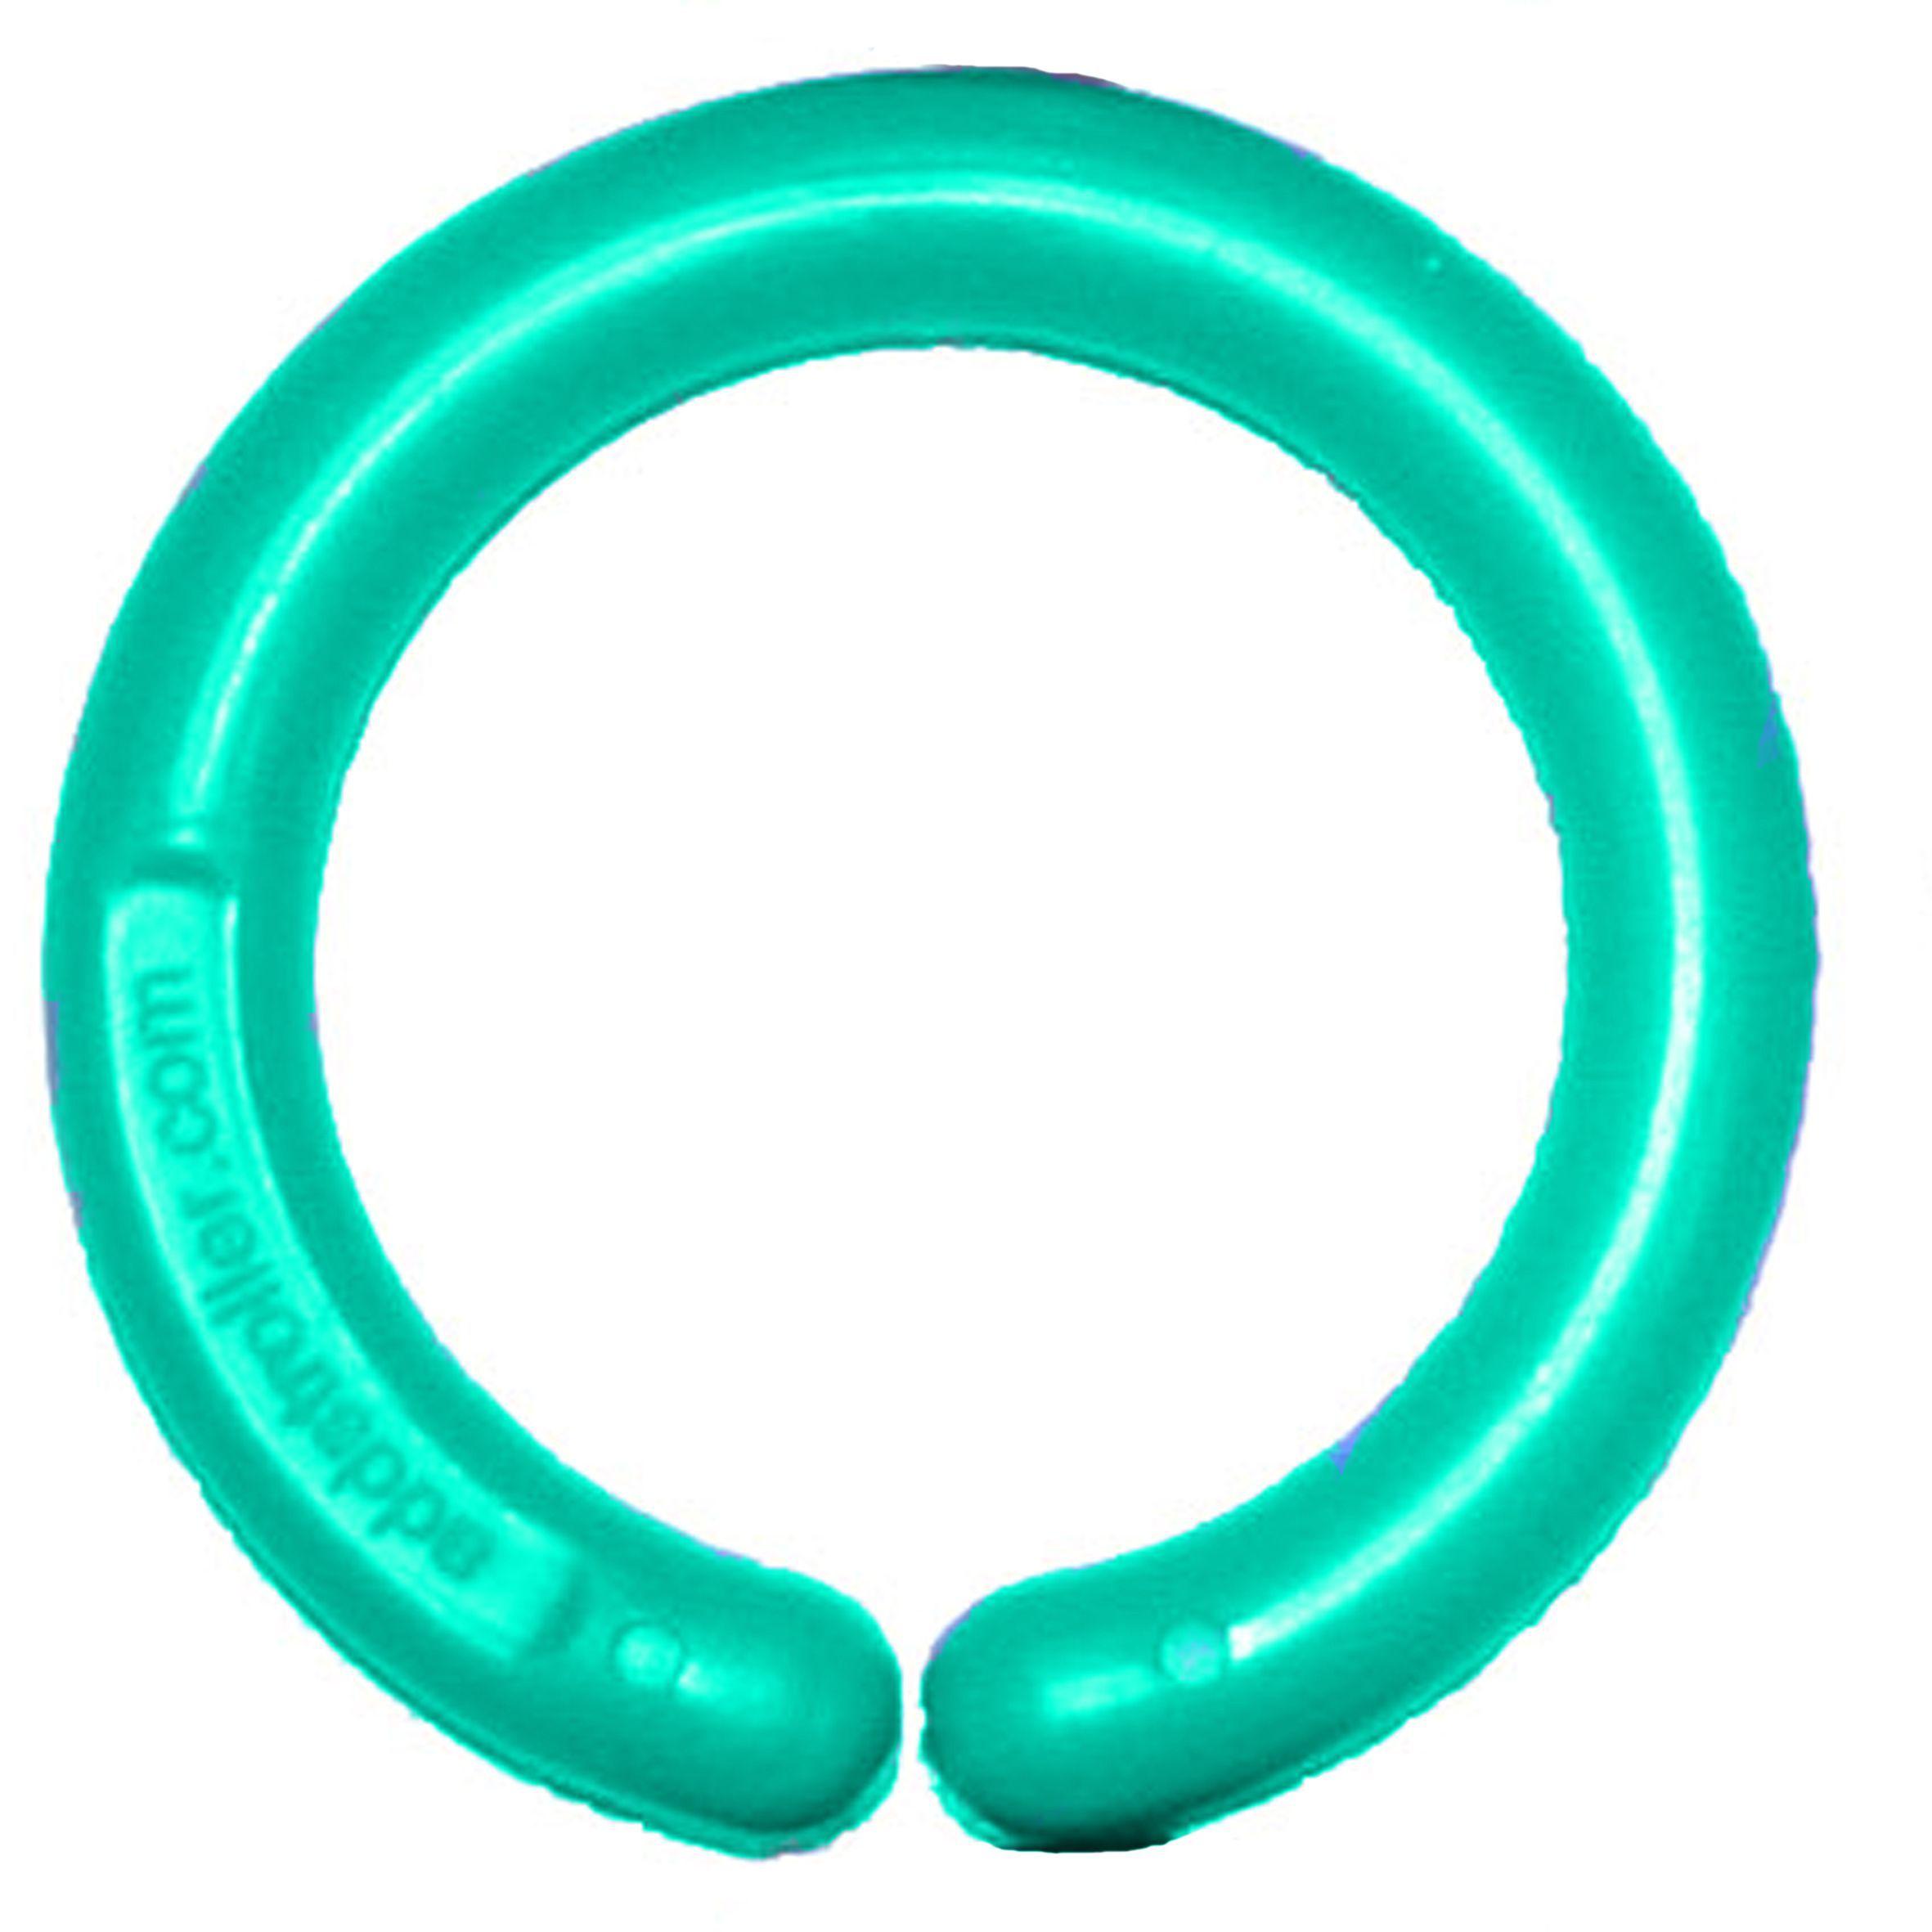 Image of Ophængningsring til klæde og legetøj - Aqua (1 stk) (106664)